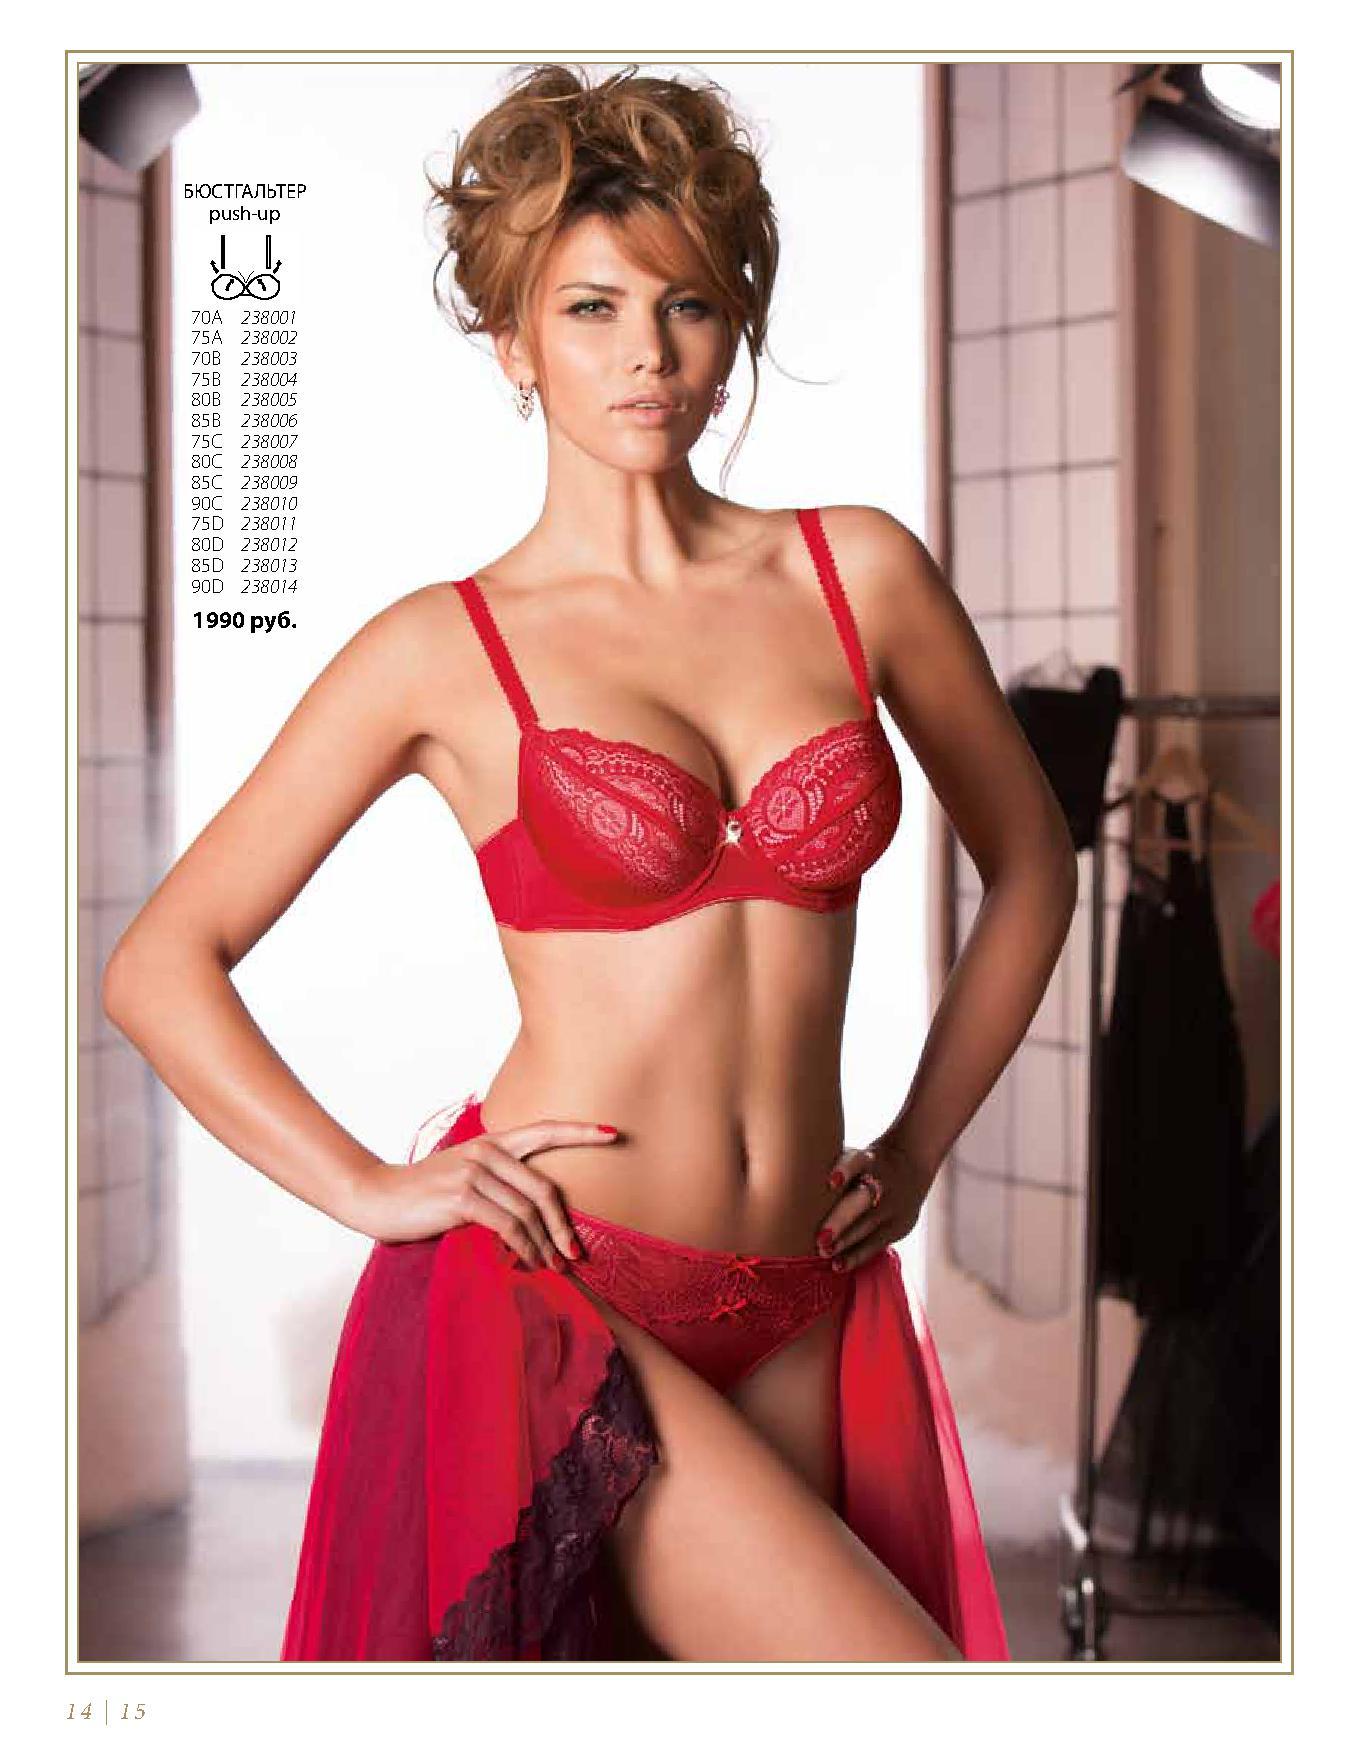 Флоранж комплект Руби: бюстгальтер, бретели, трусики-танга, трусики-слипы, шортики